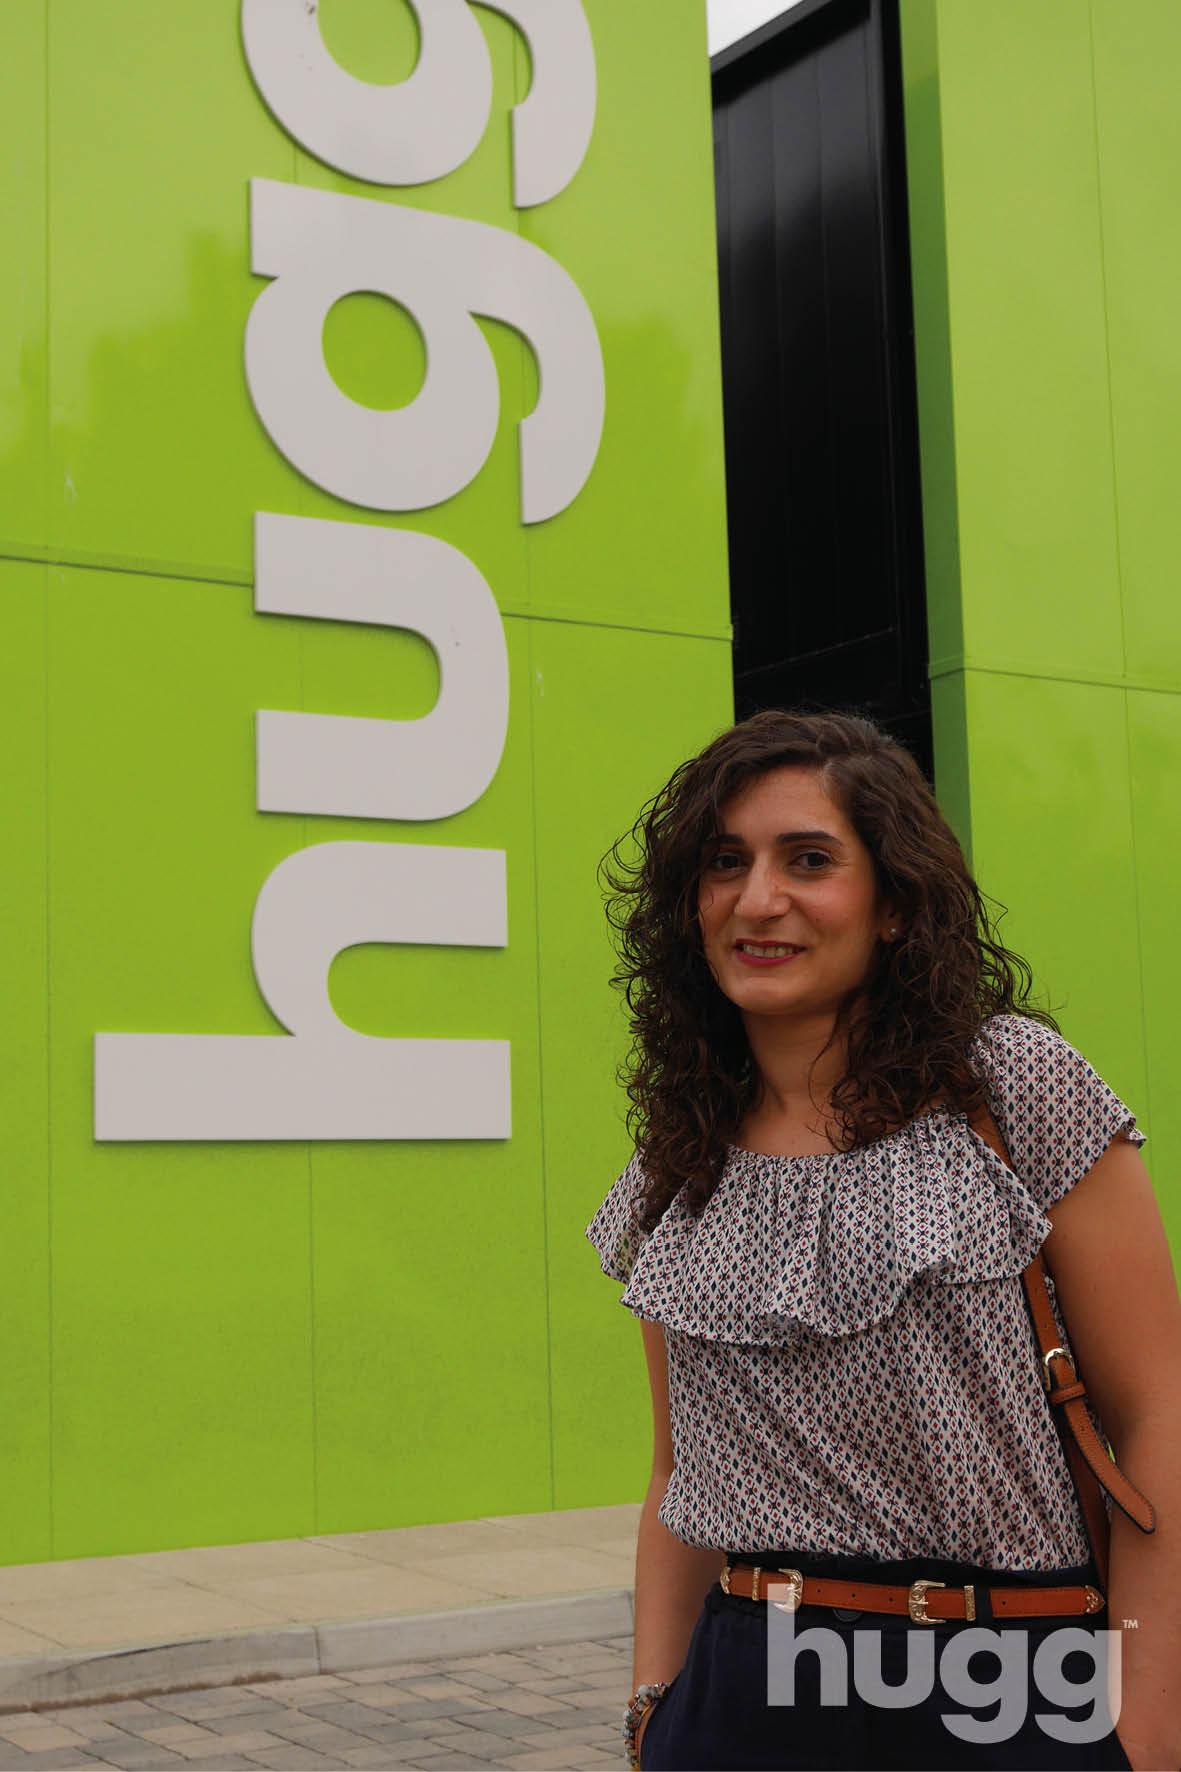 hugg_homes_residents_Marina Cartella_hugg_3.jpg